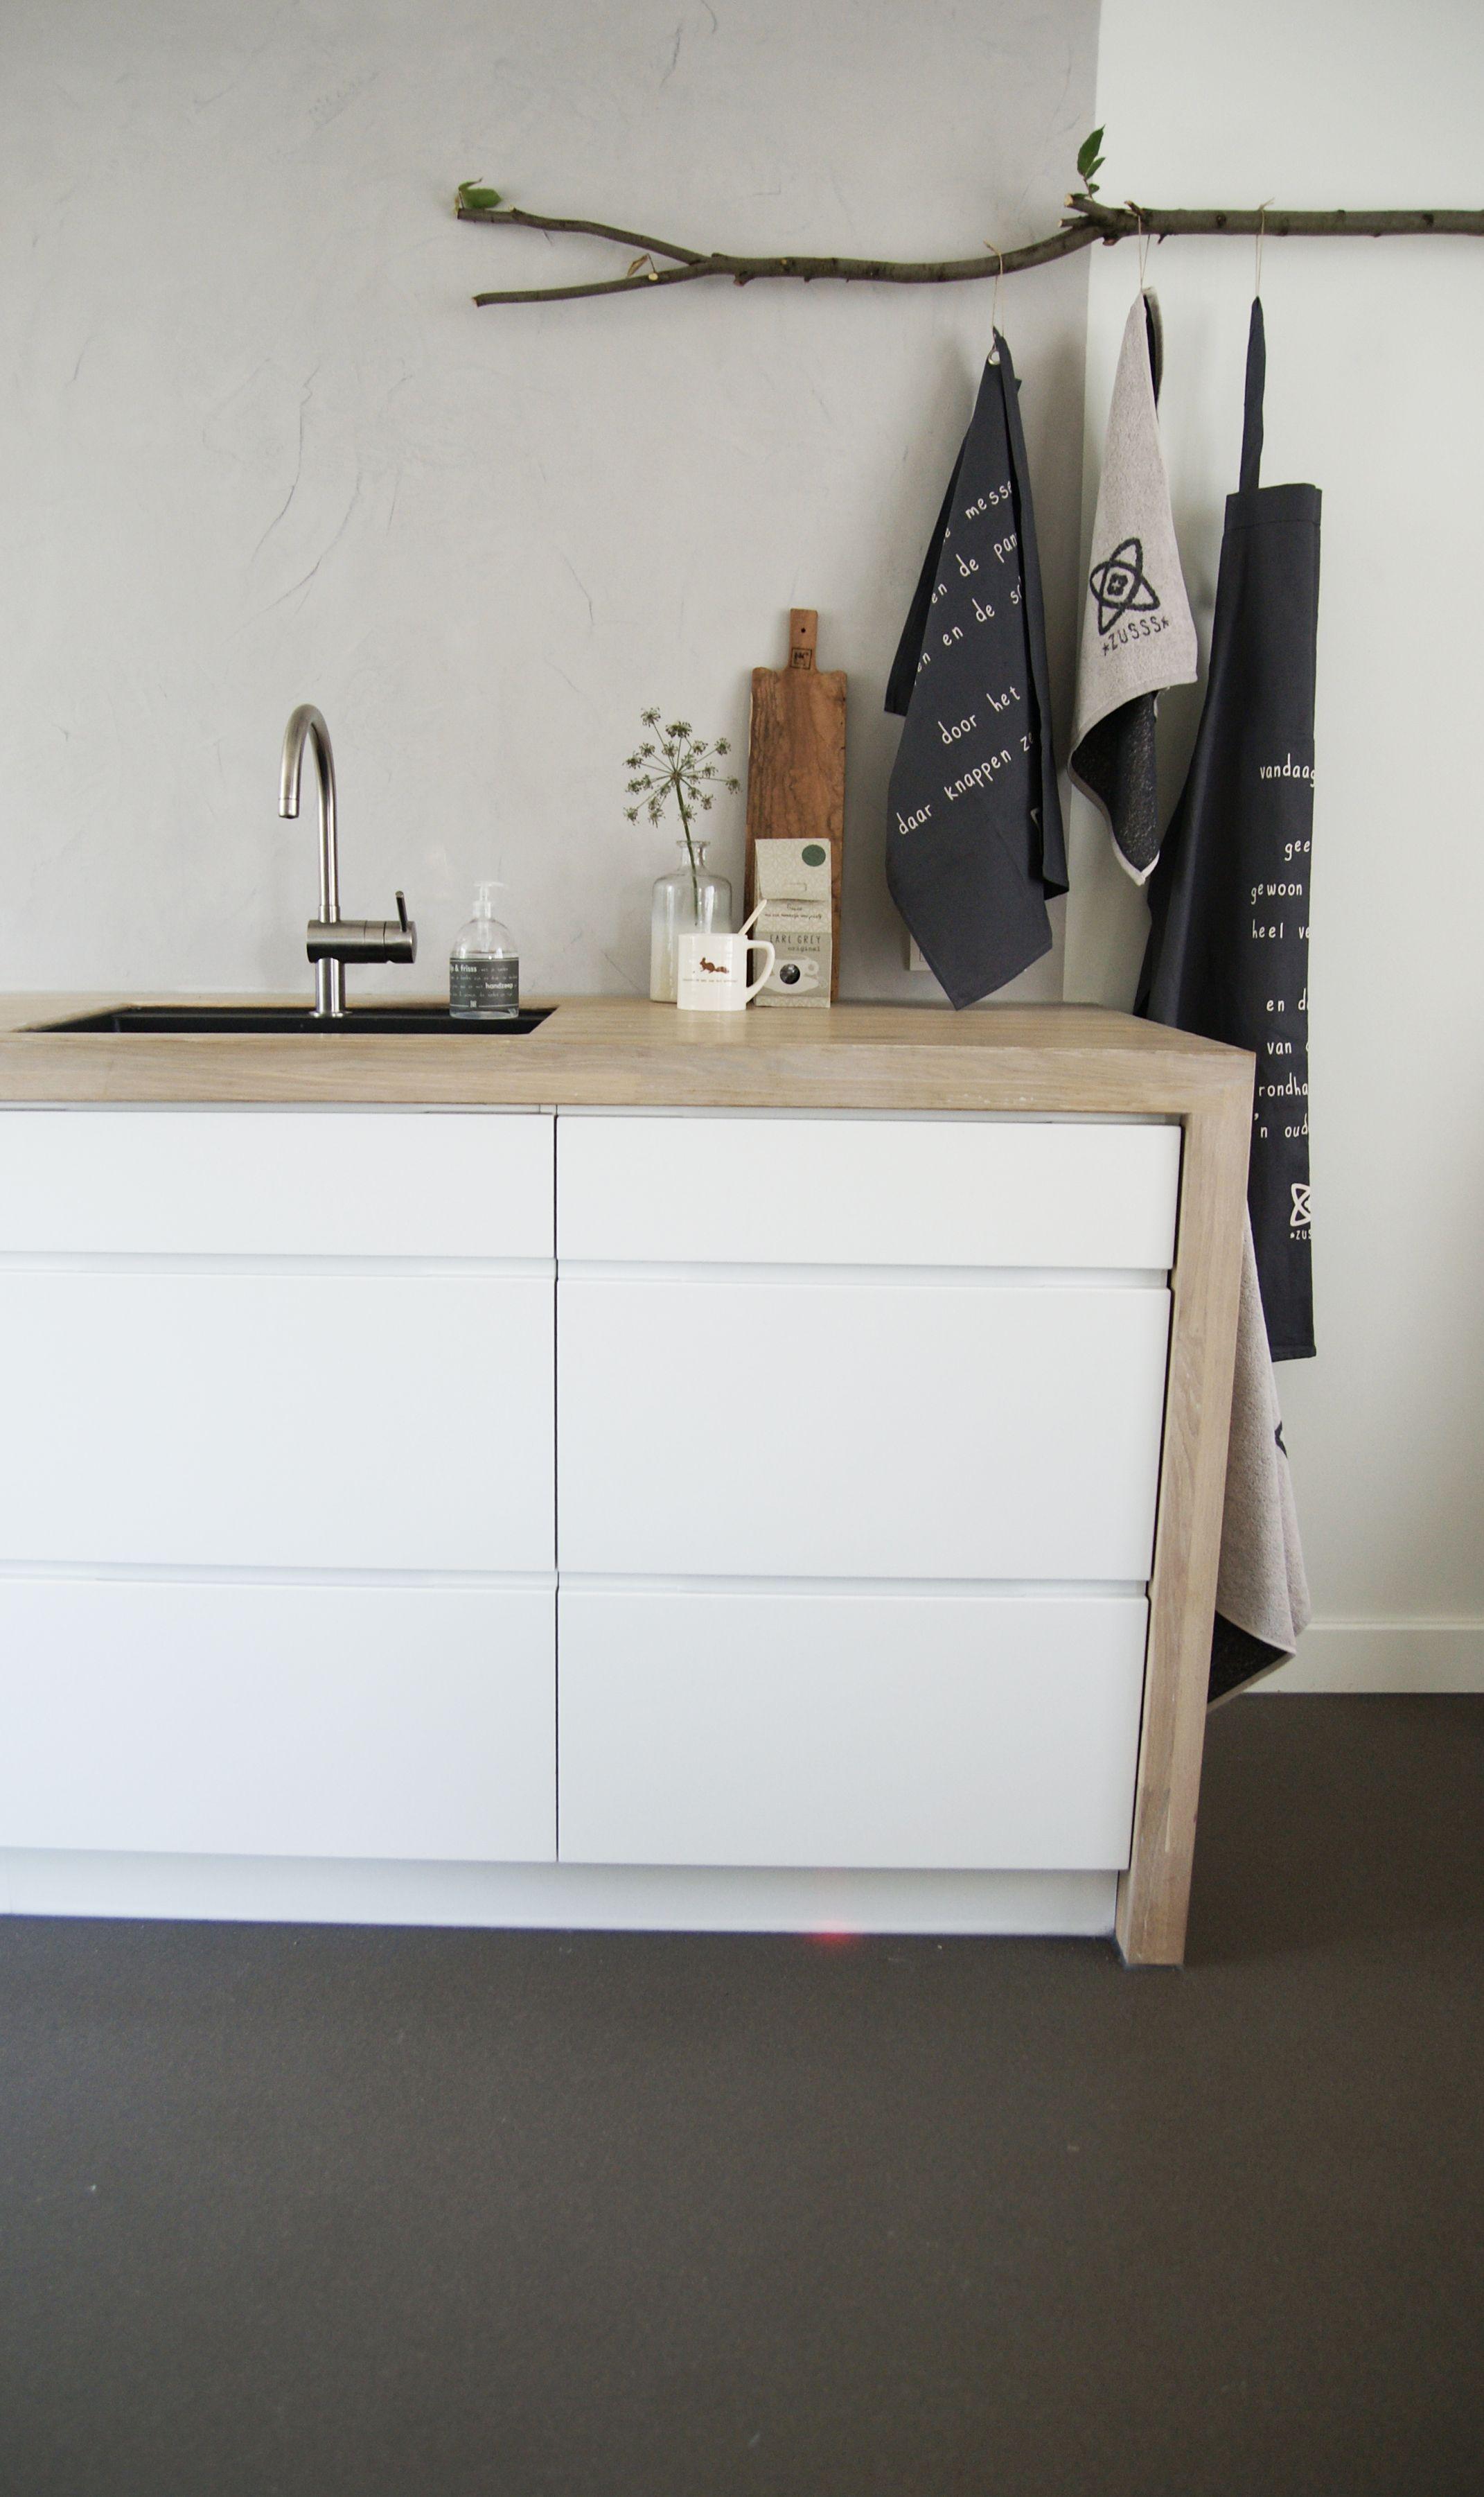 Zusss Keukentextiel Keuken Inrichting Ikea Keuken Keuken Idee